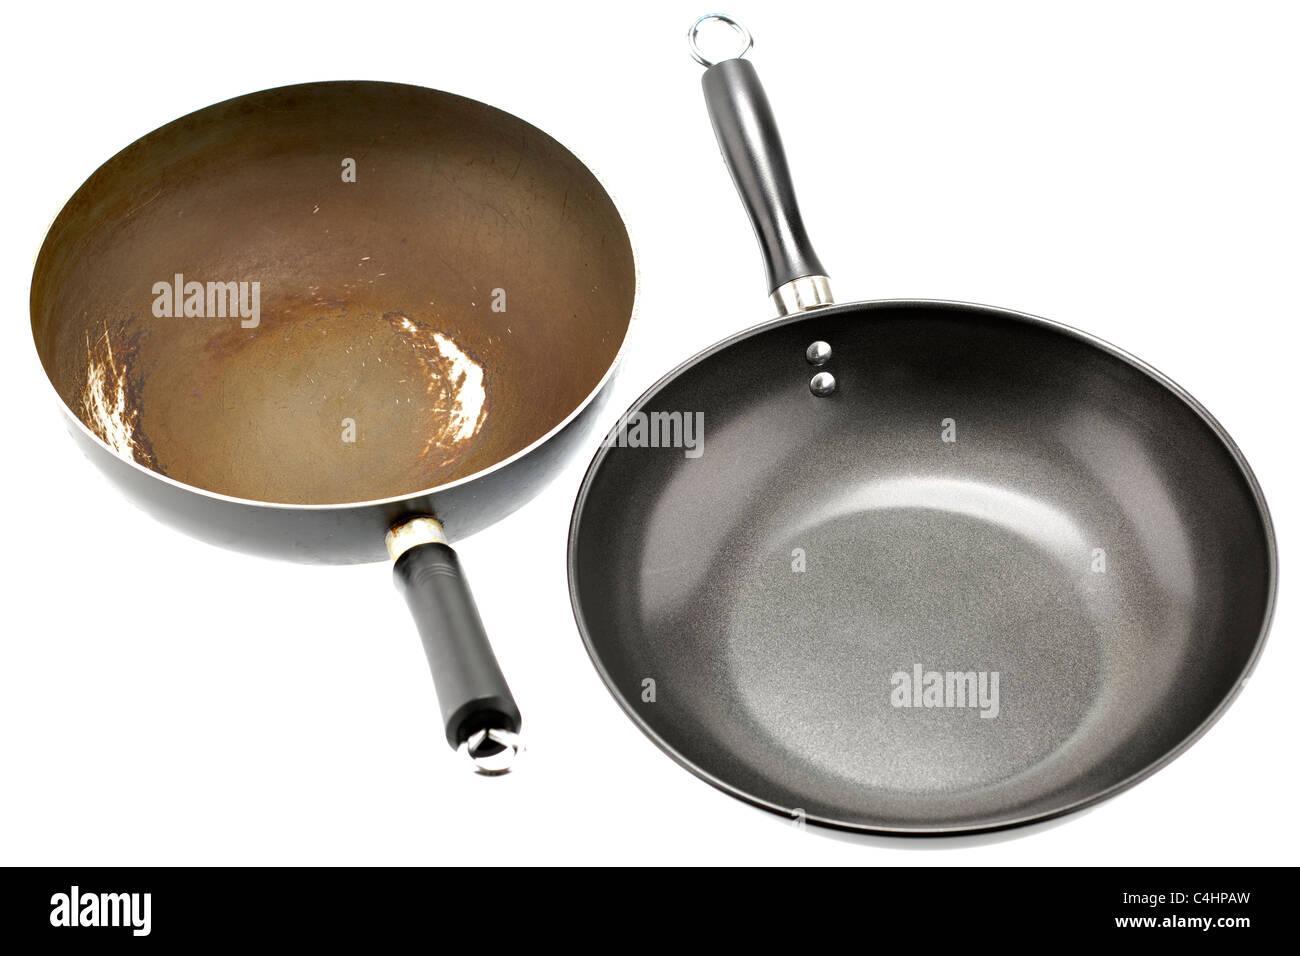 Old and new teflon coated woks. - Stock Image